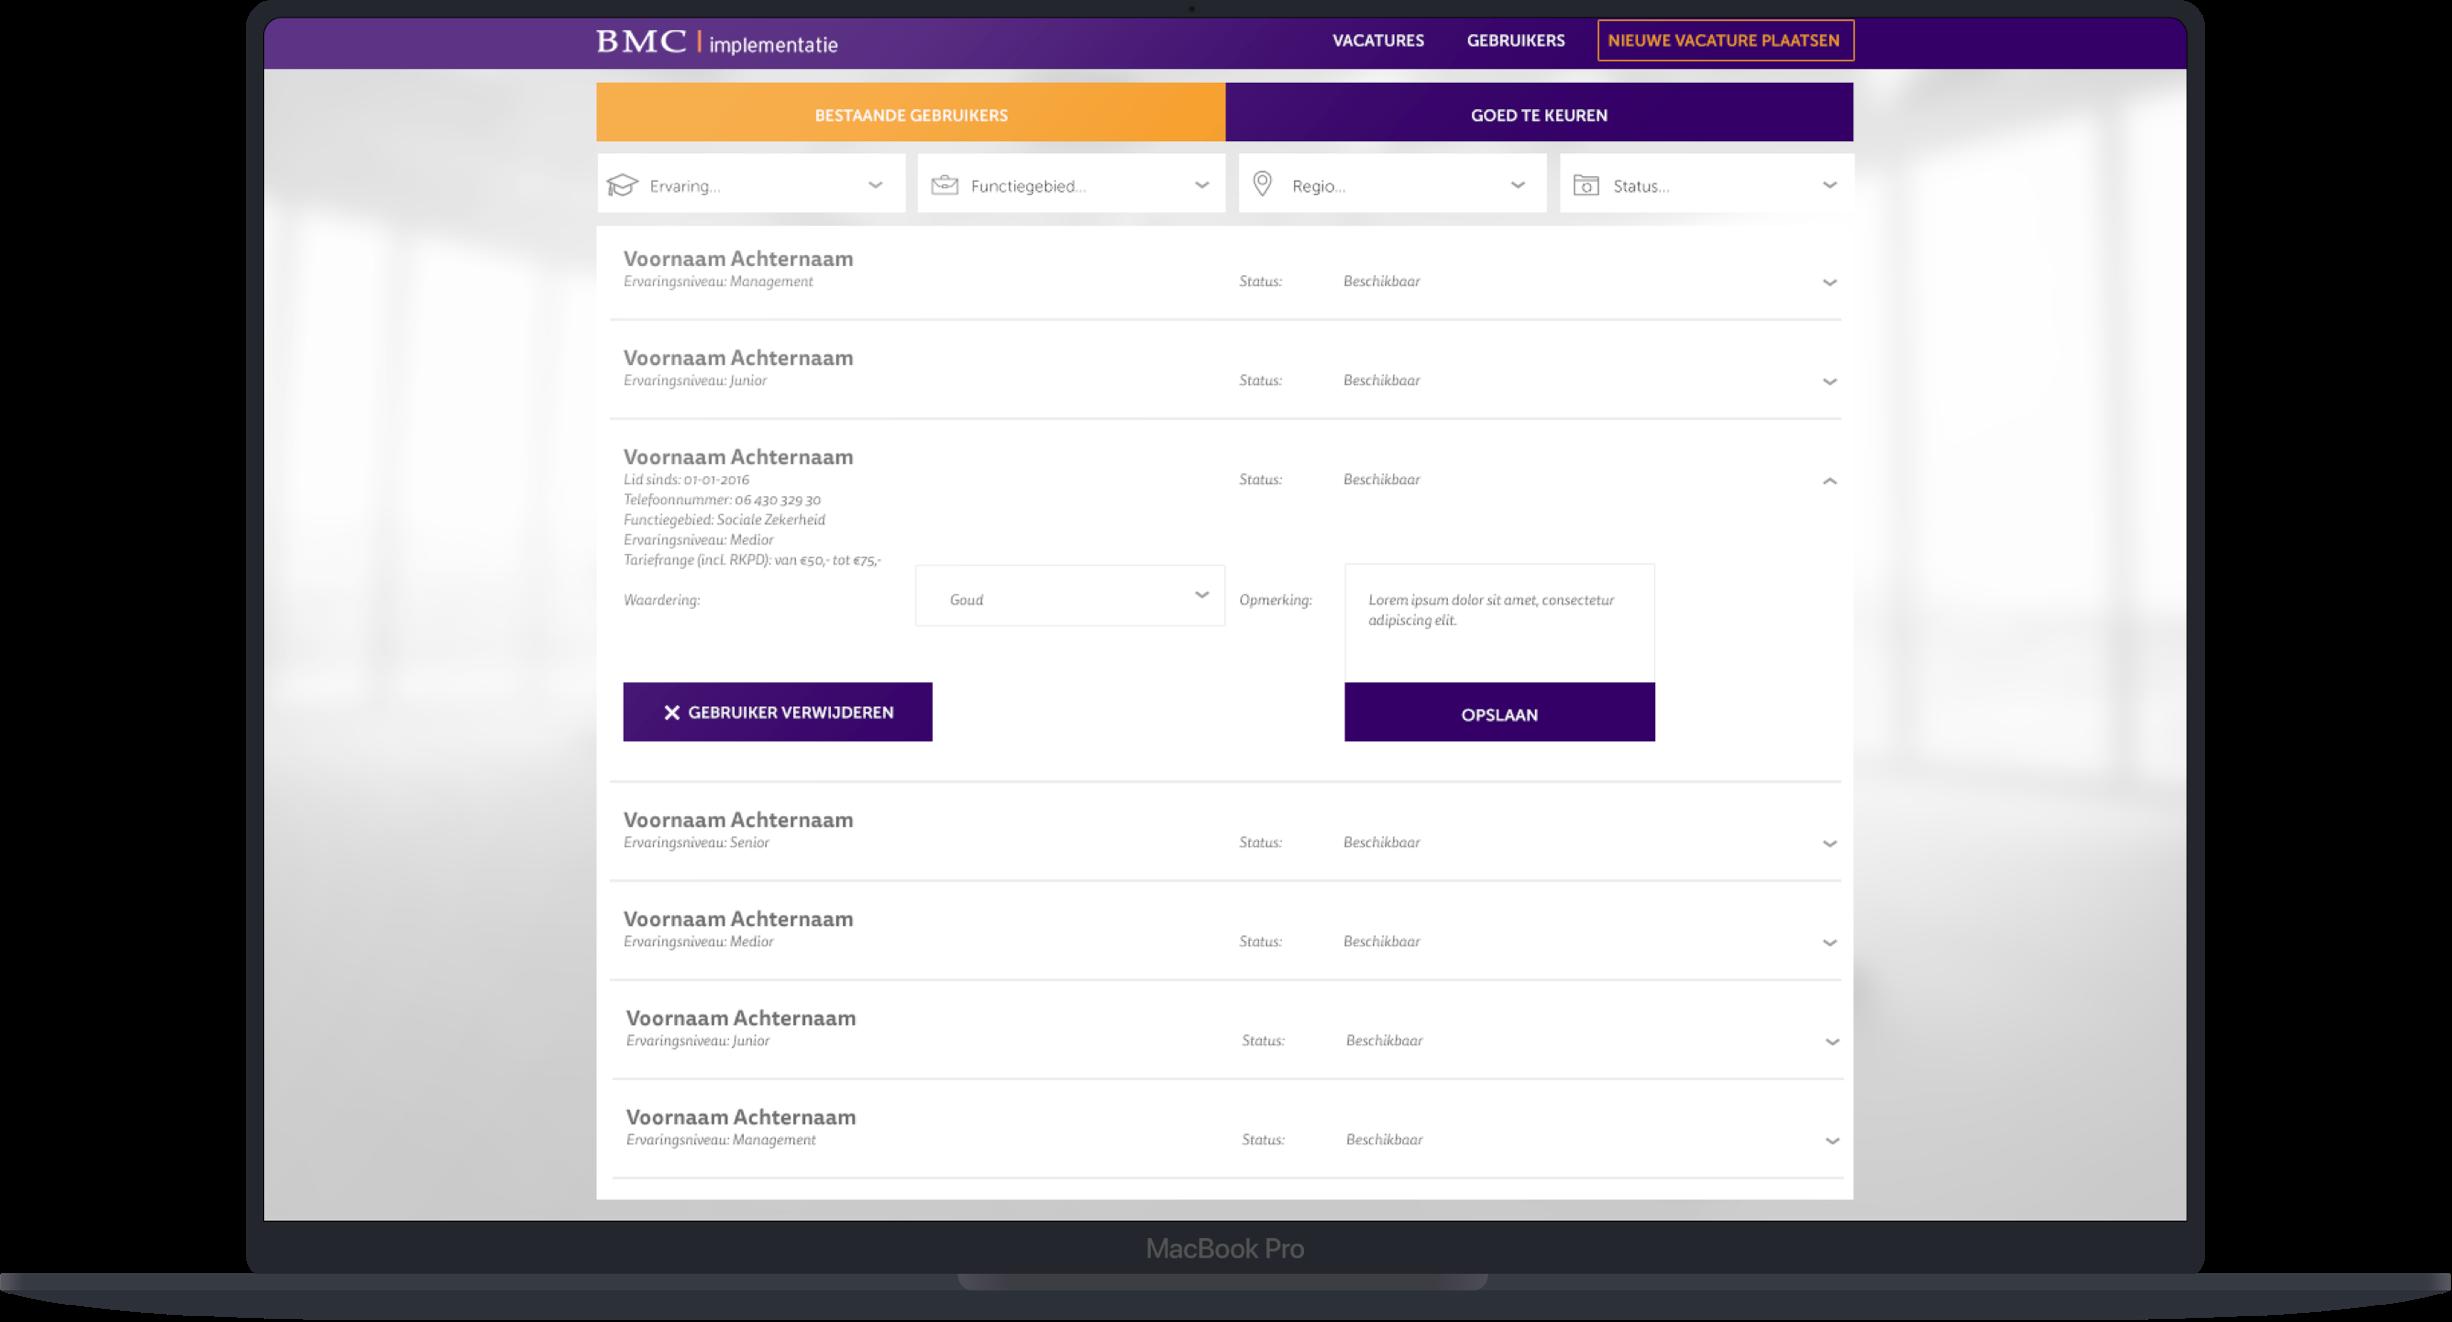 BMC Web App Gebruikers